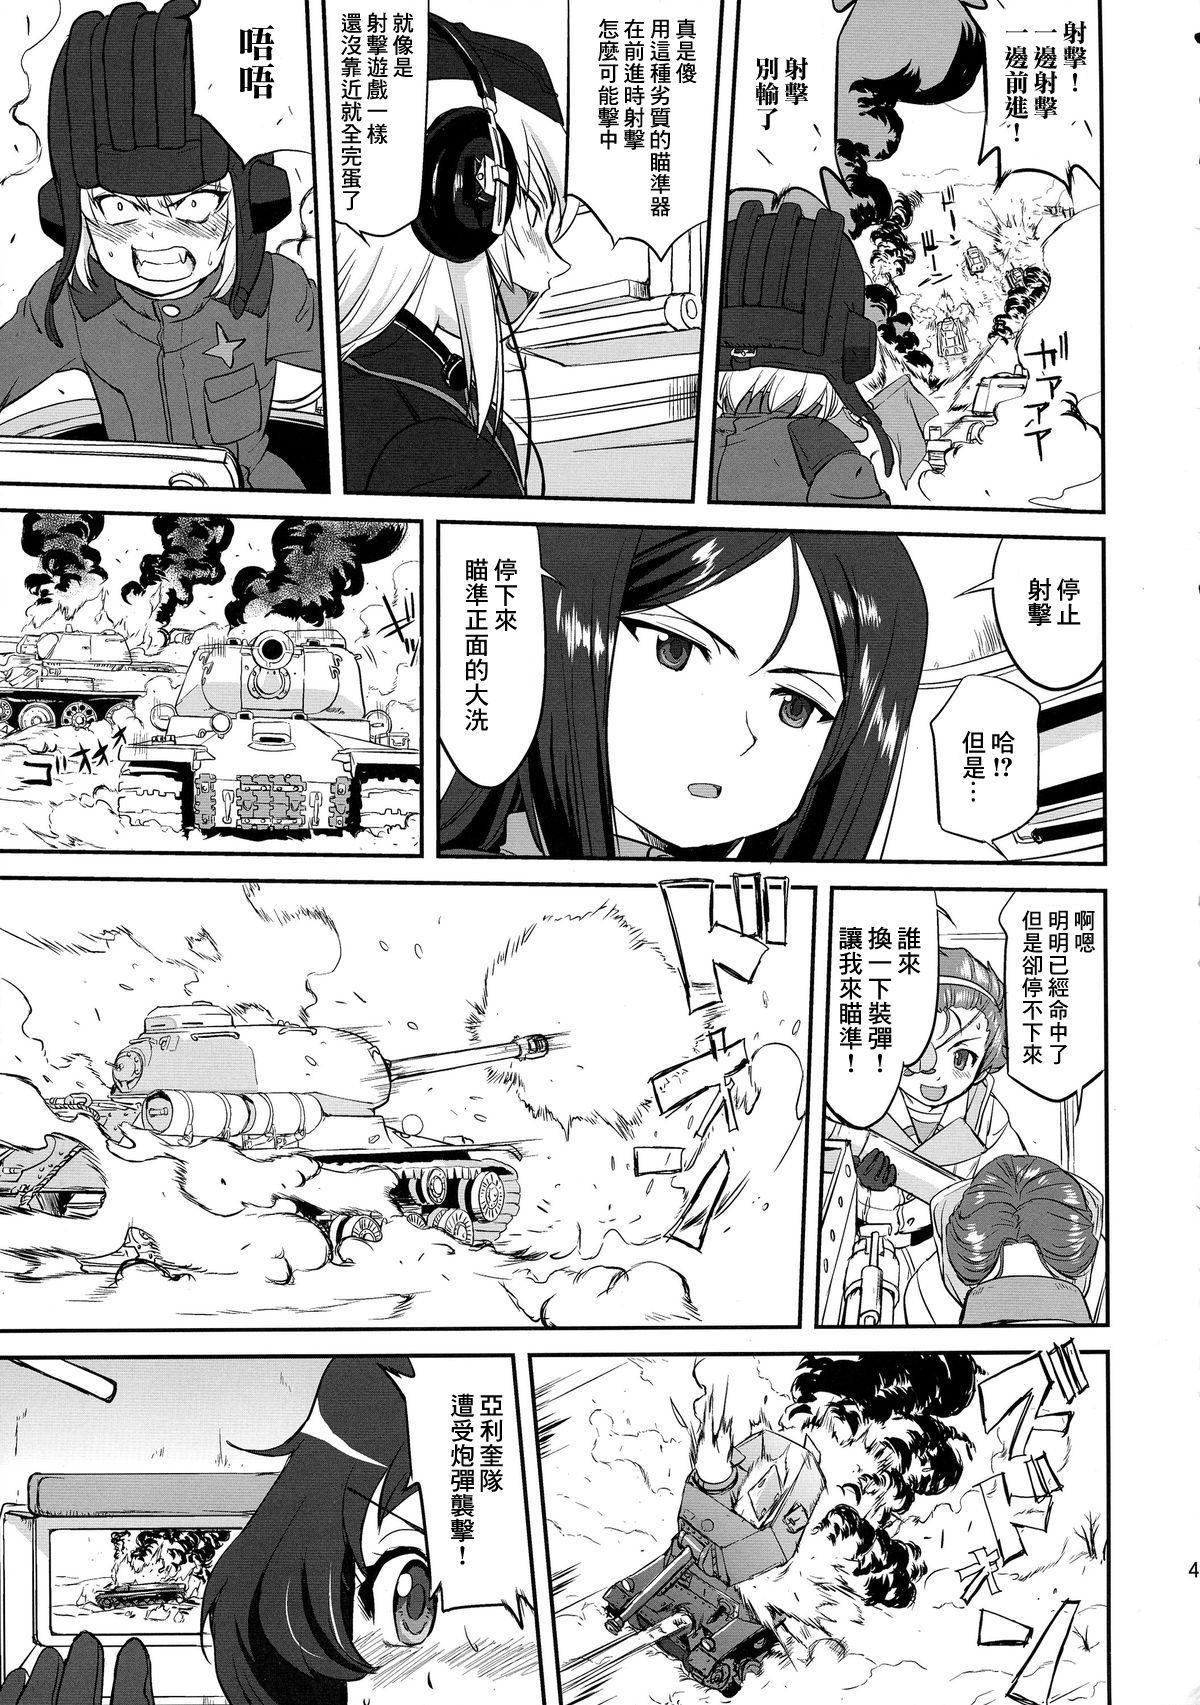 Yukiyukite Senshadou Battle of Pravda 48